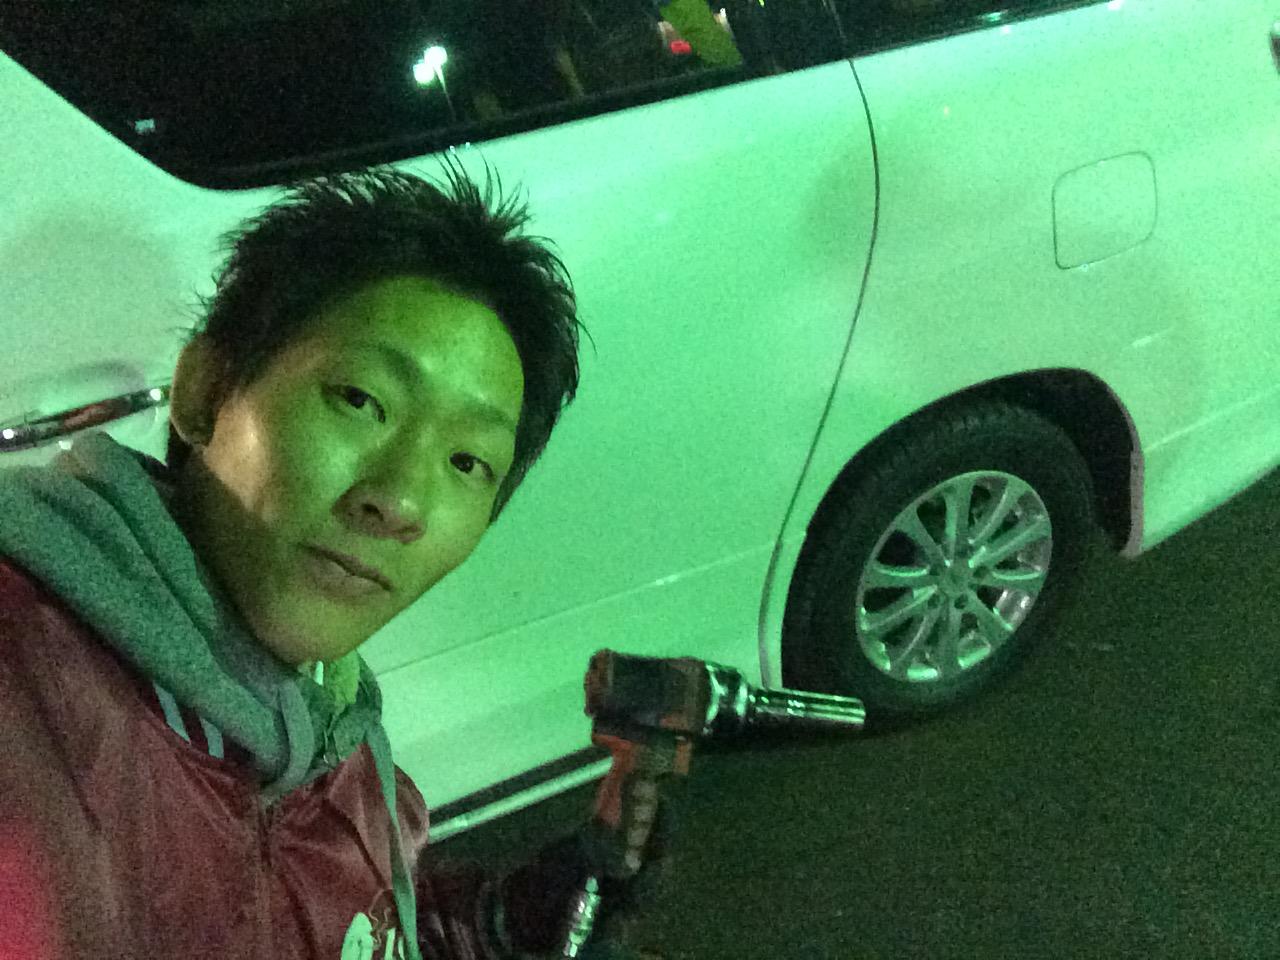 11月7日(金)トミーアウトレット☆グッチーブログ☆軽自動車・_b0127002_20441729.jpg